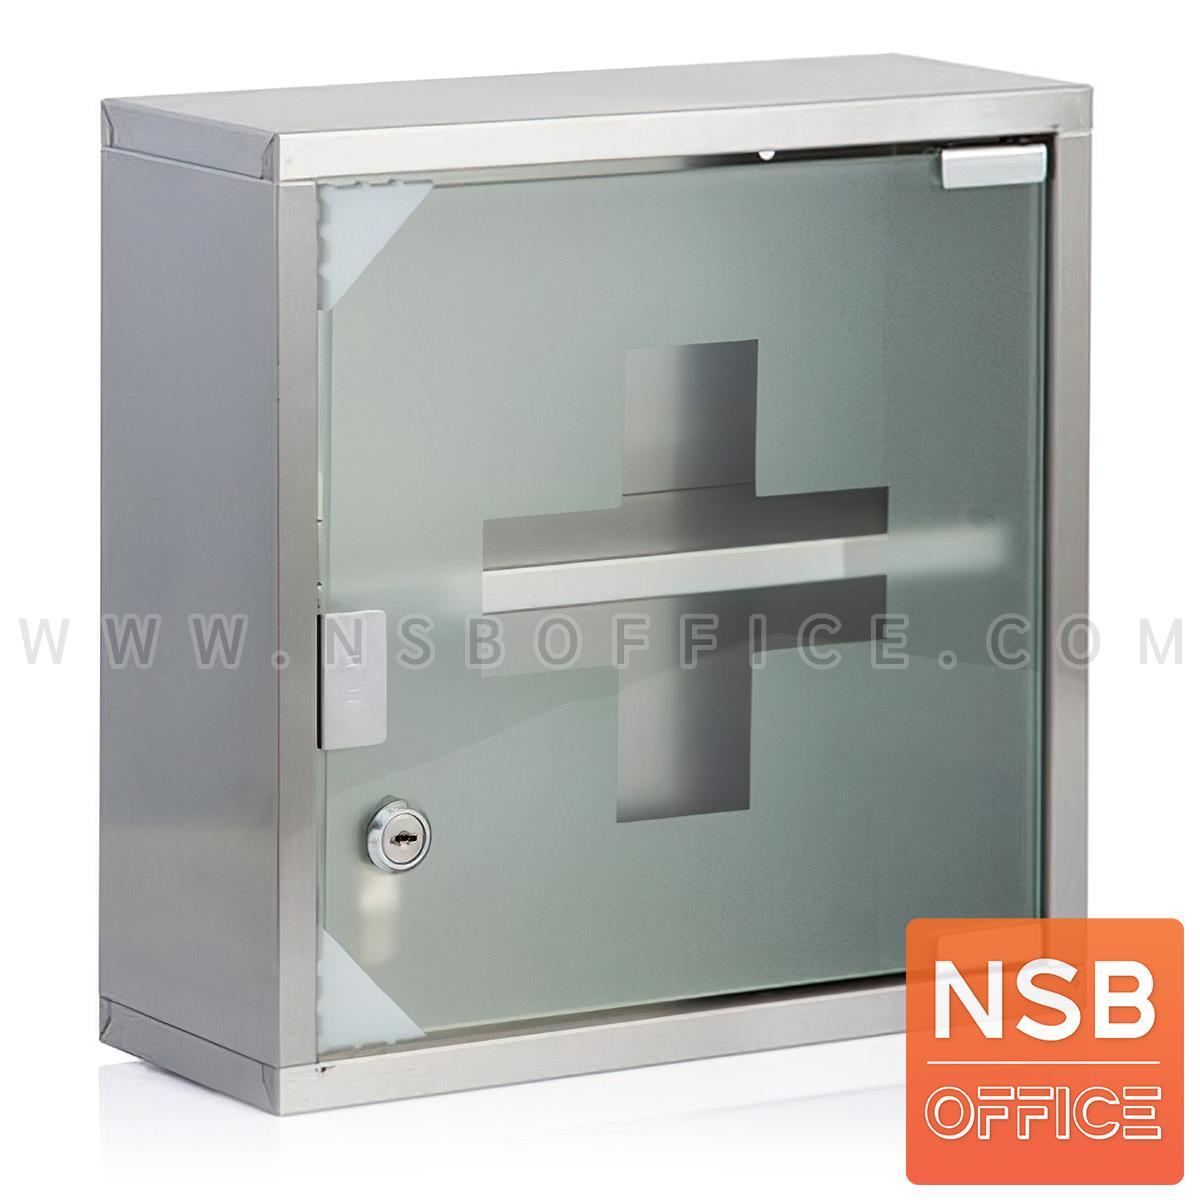 G15A010:ตู้ยาสามัญประจำบ้านหน้าบานกระจก รุ่น SAVE-1 มีกุญแจ